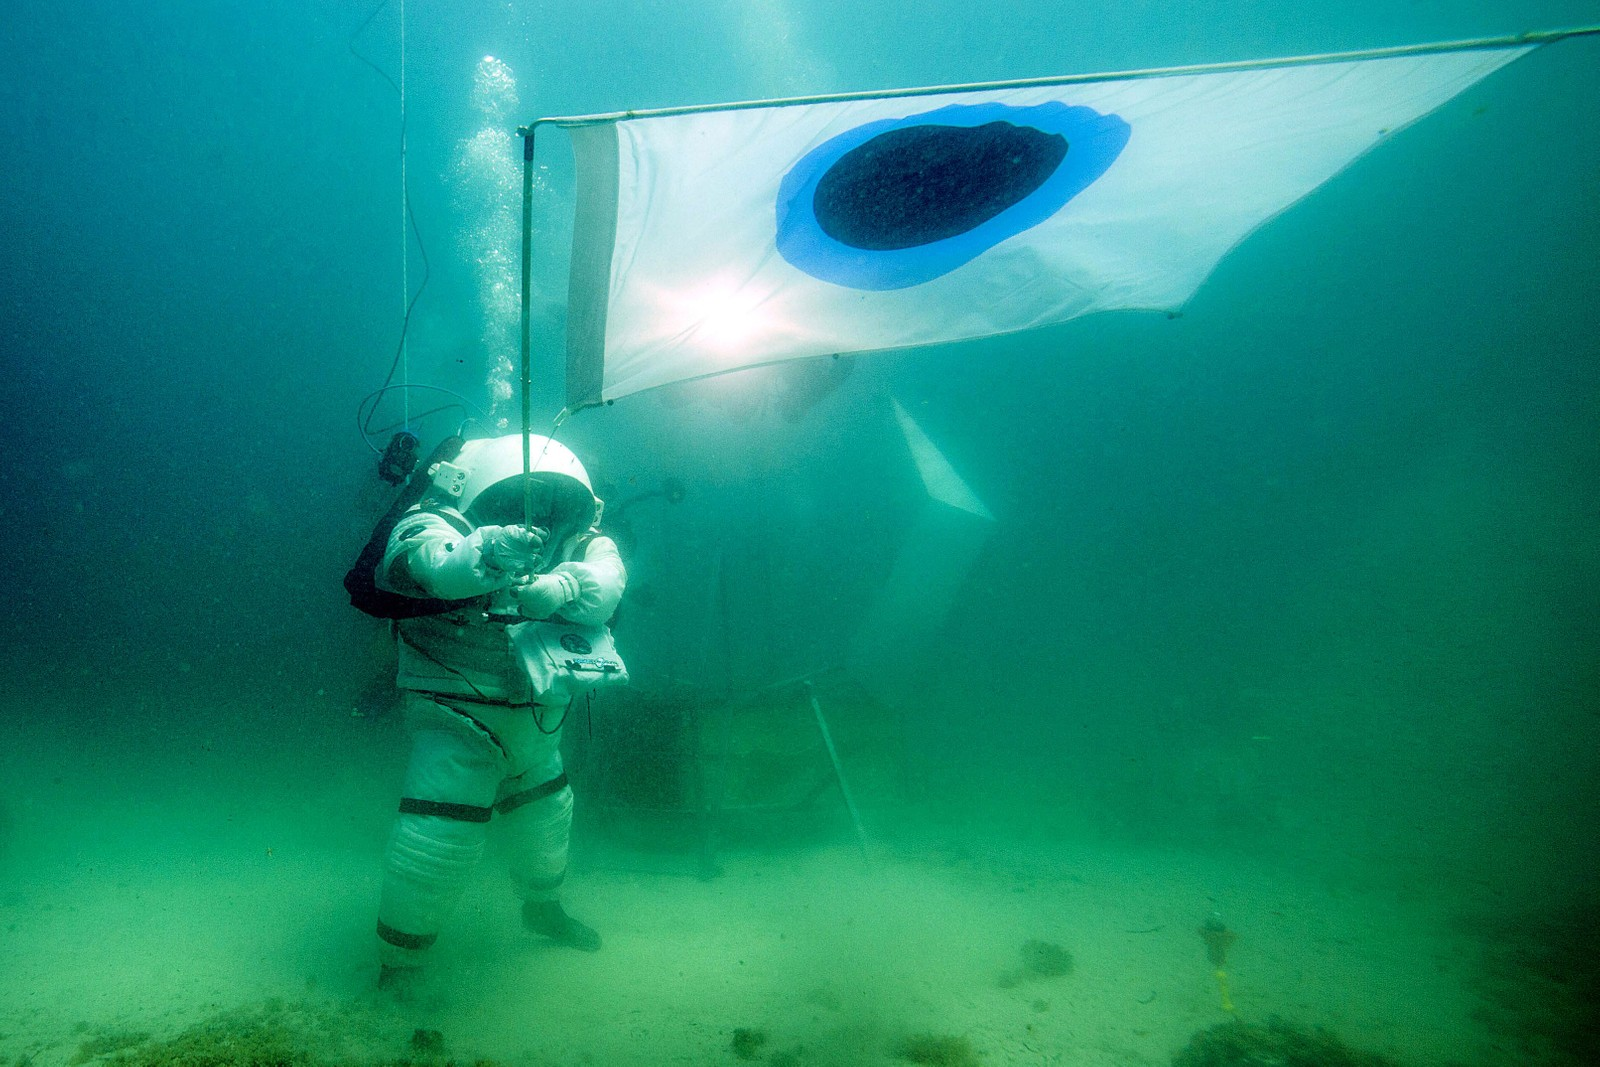 En dykker i en romdrakt under operasjonen «Moonwalk», som ble gjennomført i Middelhavet ved Friouøyene ved Marseille i Frankrike. Dykkeren styrer et robotkjøretøy kalt «Yemo» via en datamaskin, som testes for å kanskje kunne brukes i fremtidige ekspedisjoner til planeten Mars.